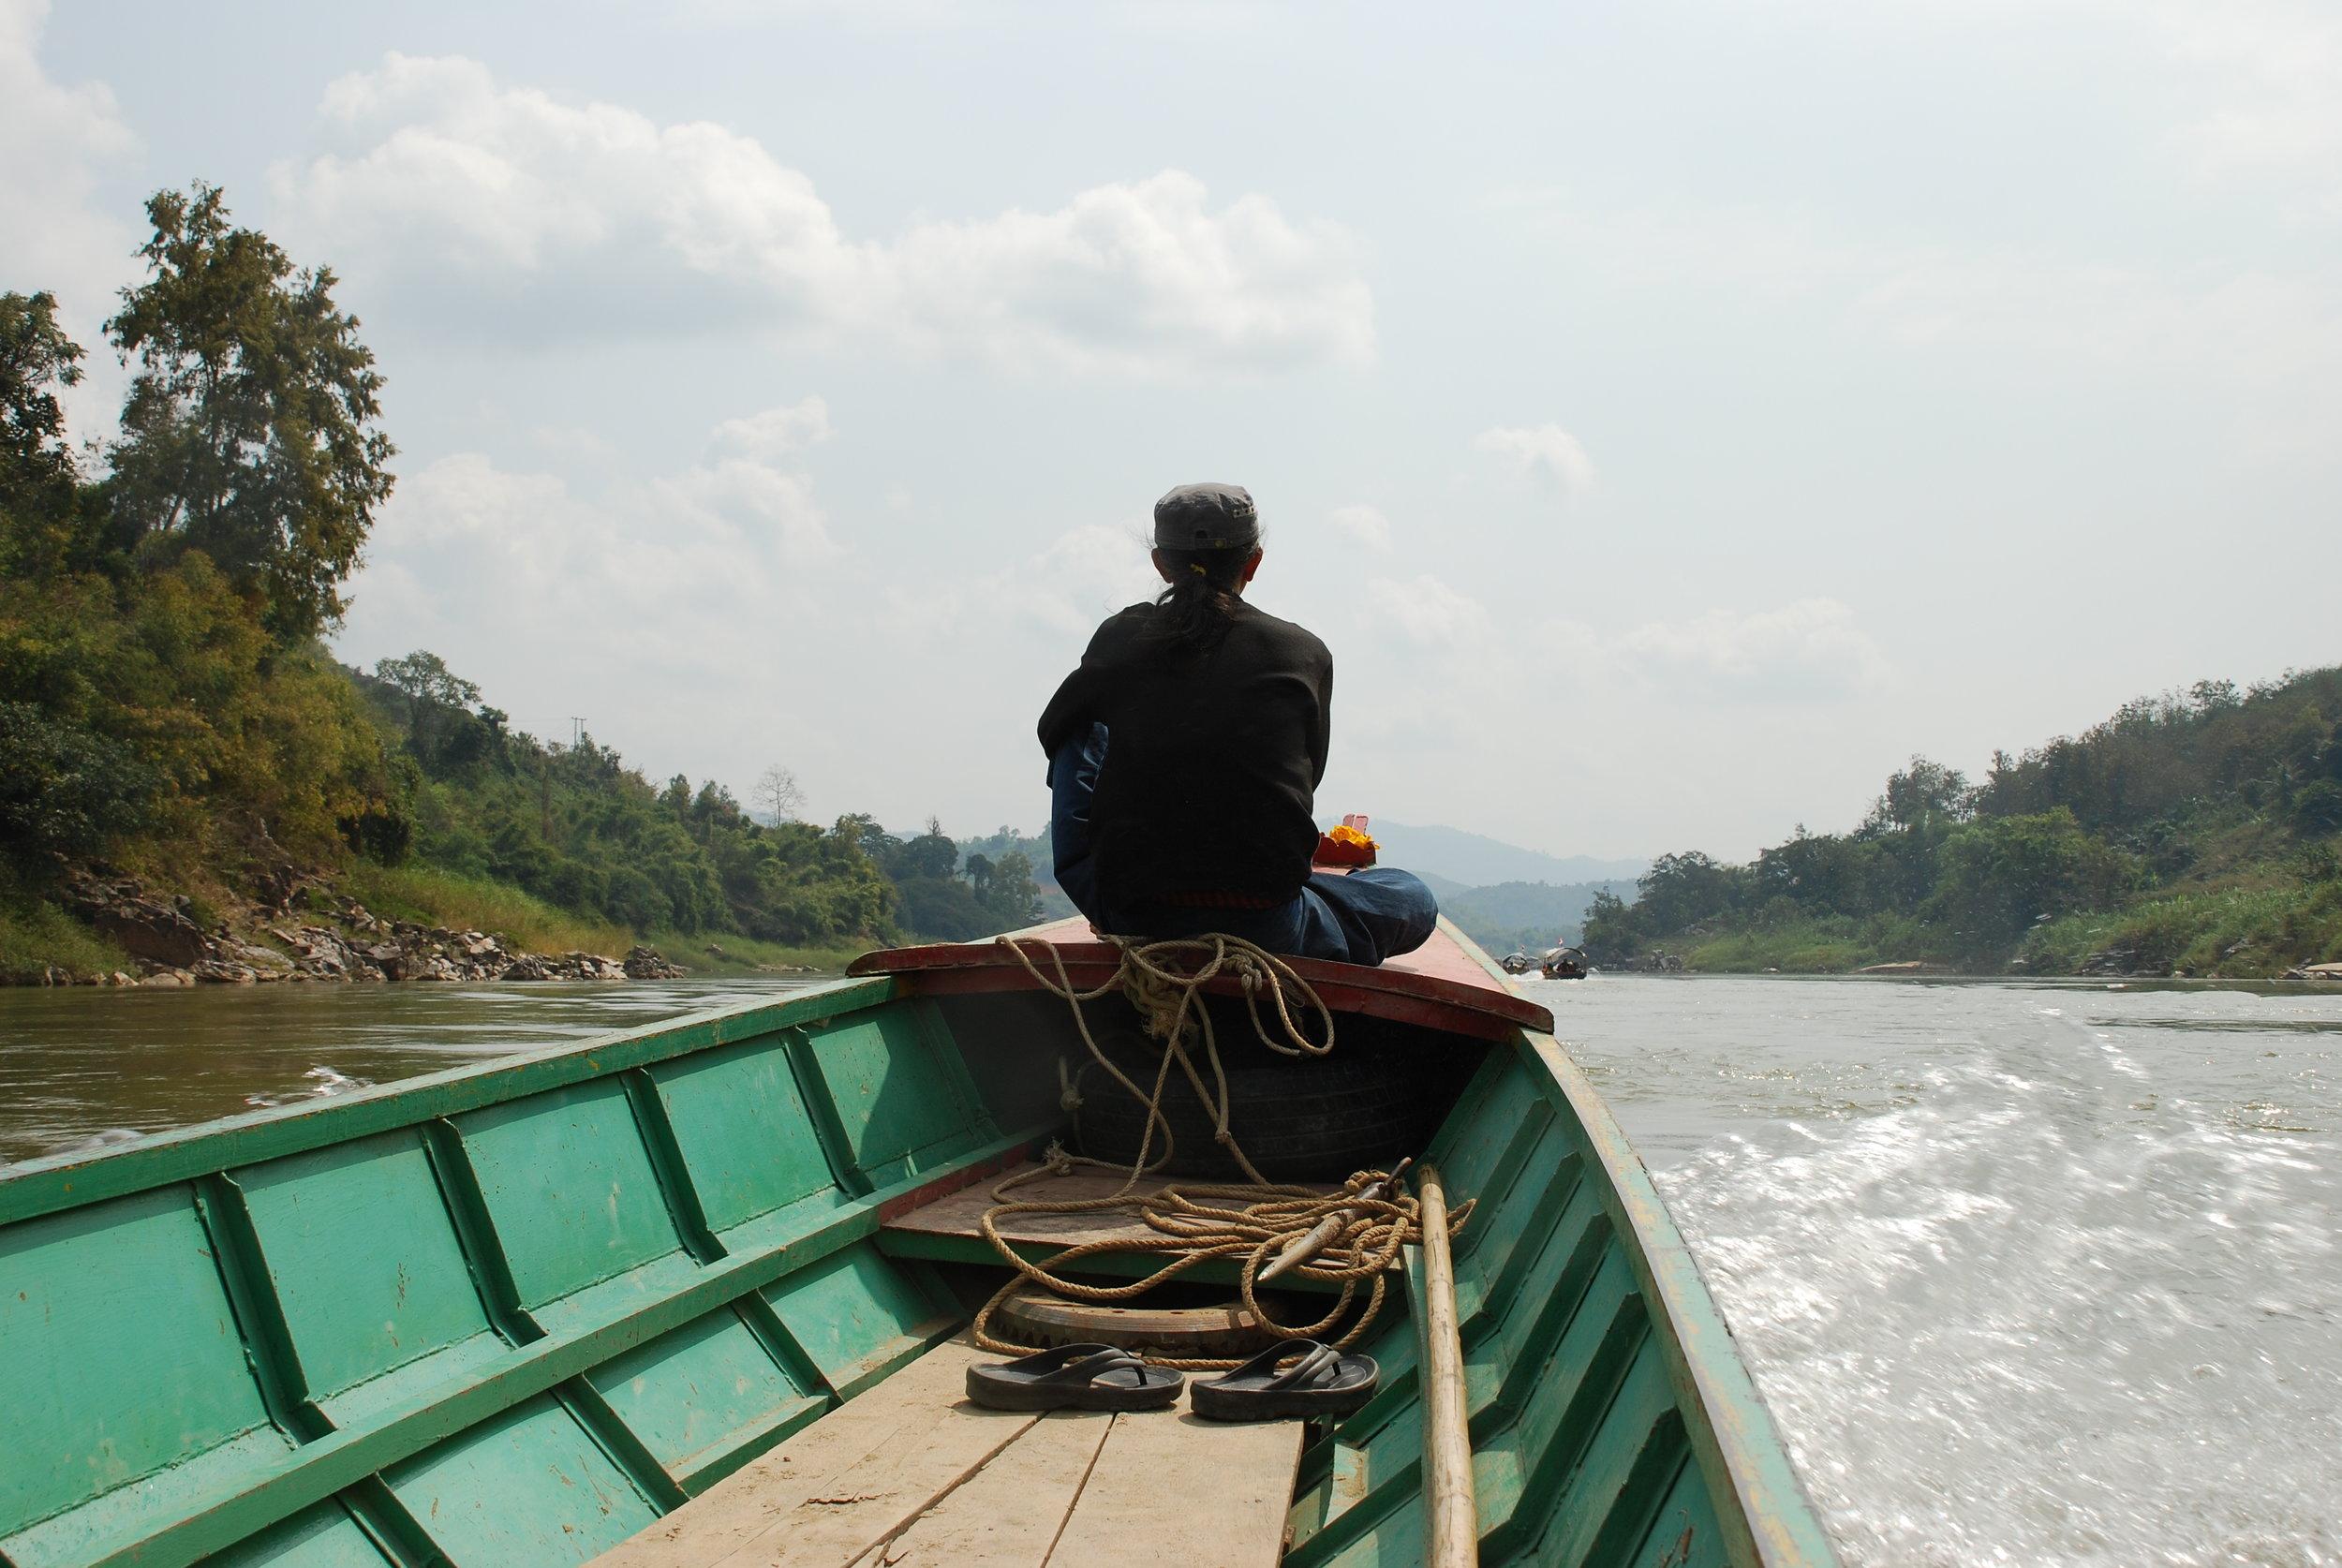 kruti on the Mekong River